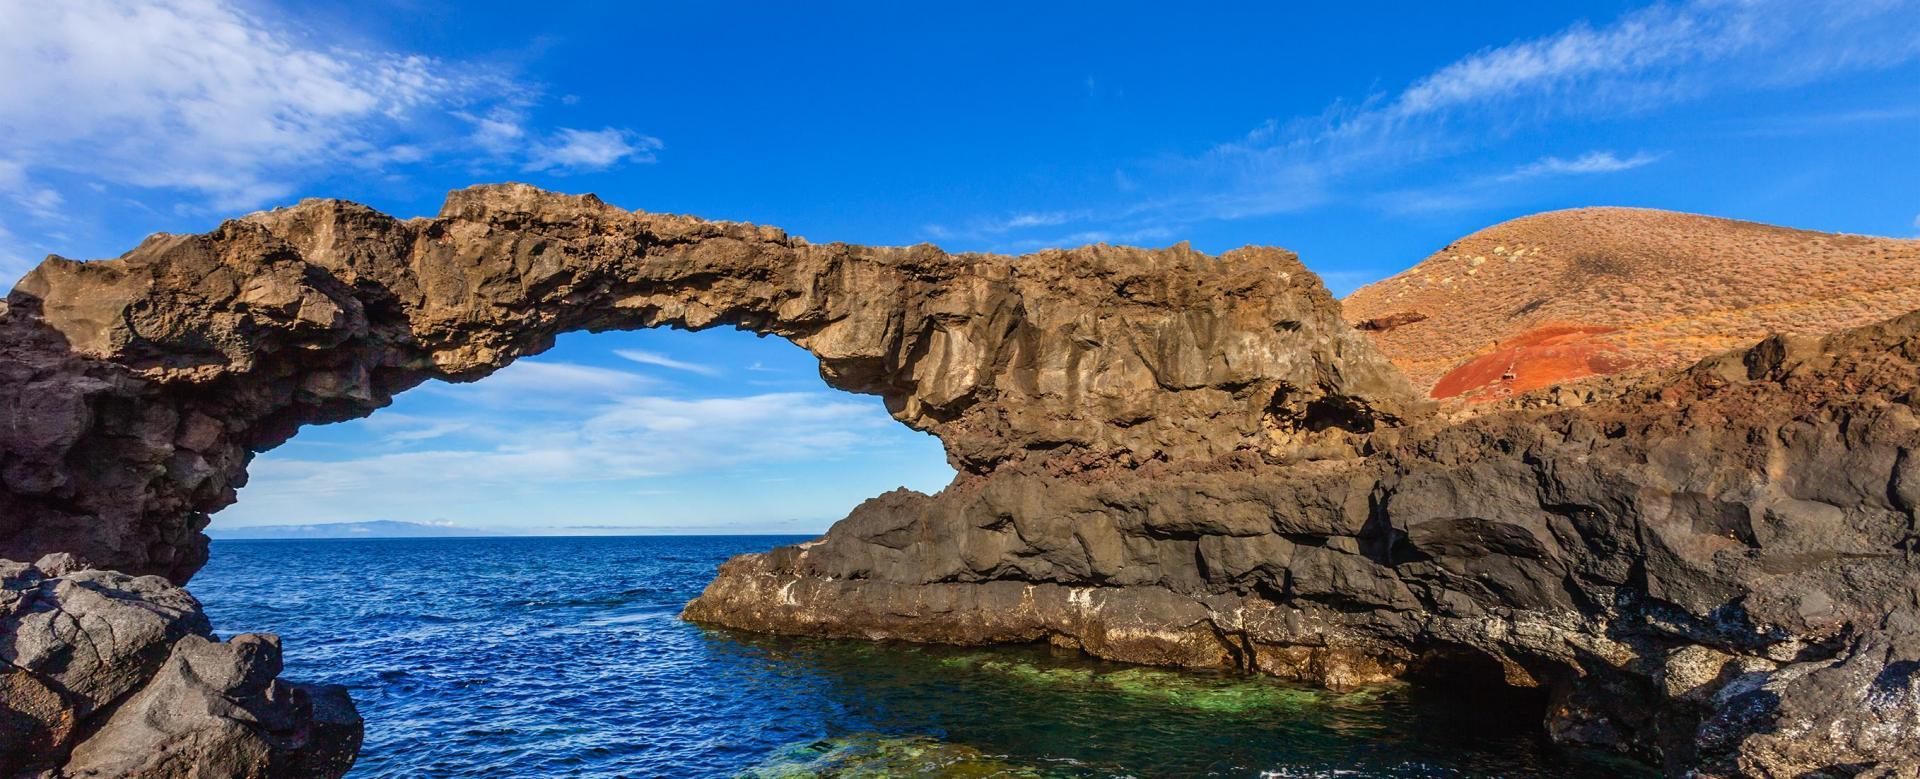 Voyage à pied : Tenerife et la petite hierro